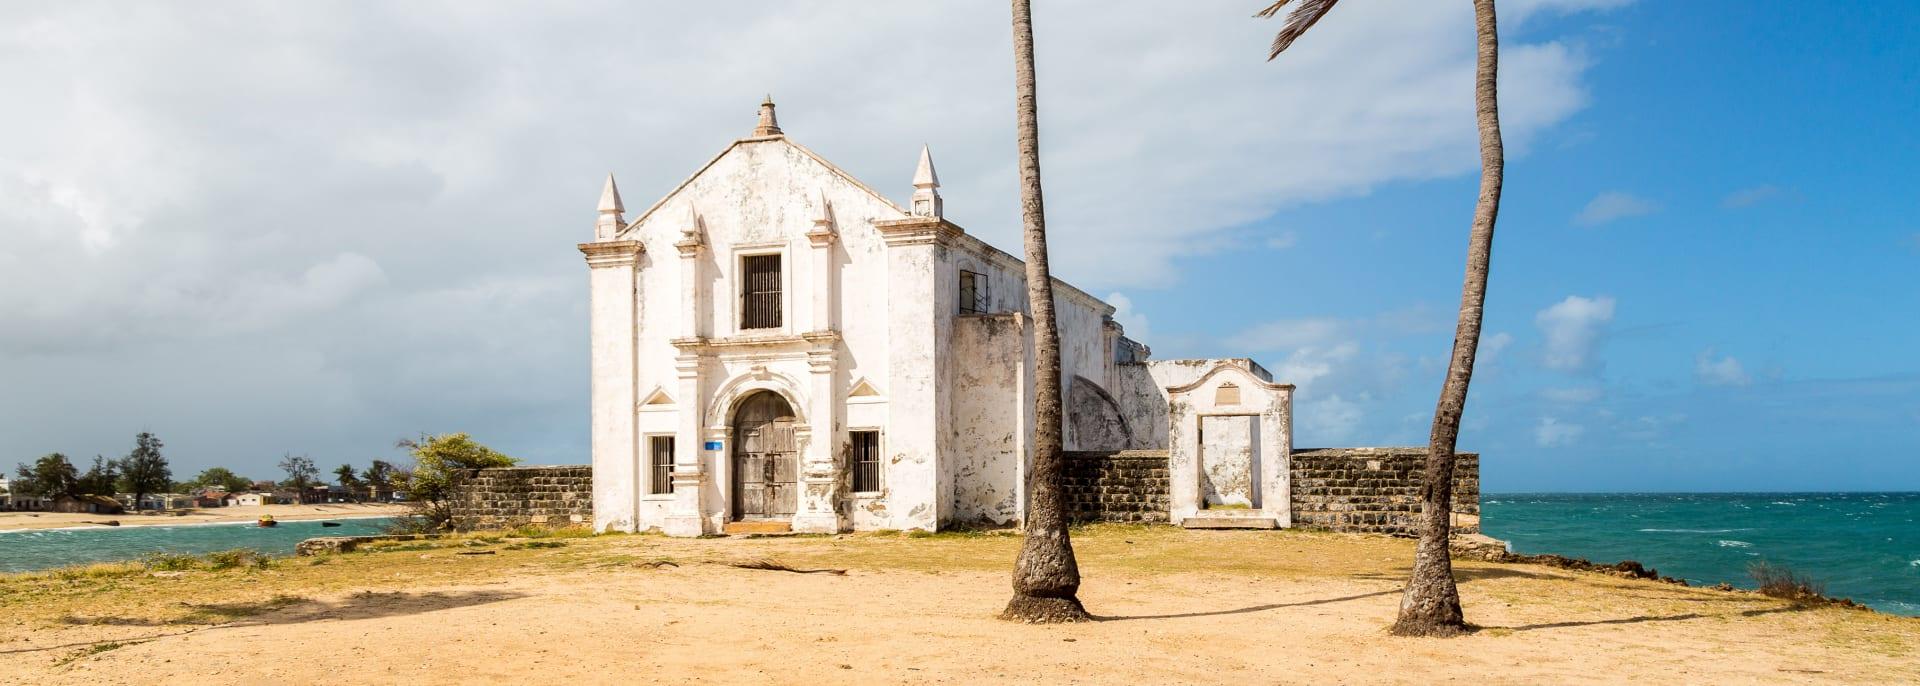 San Antonio, Mosambik